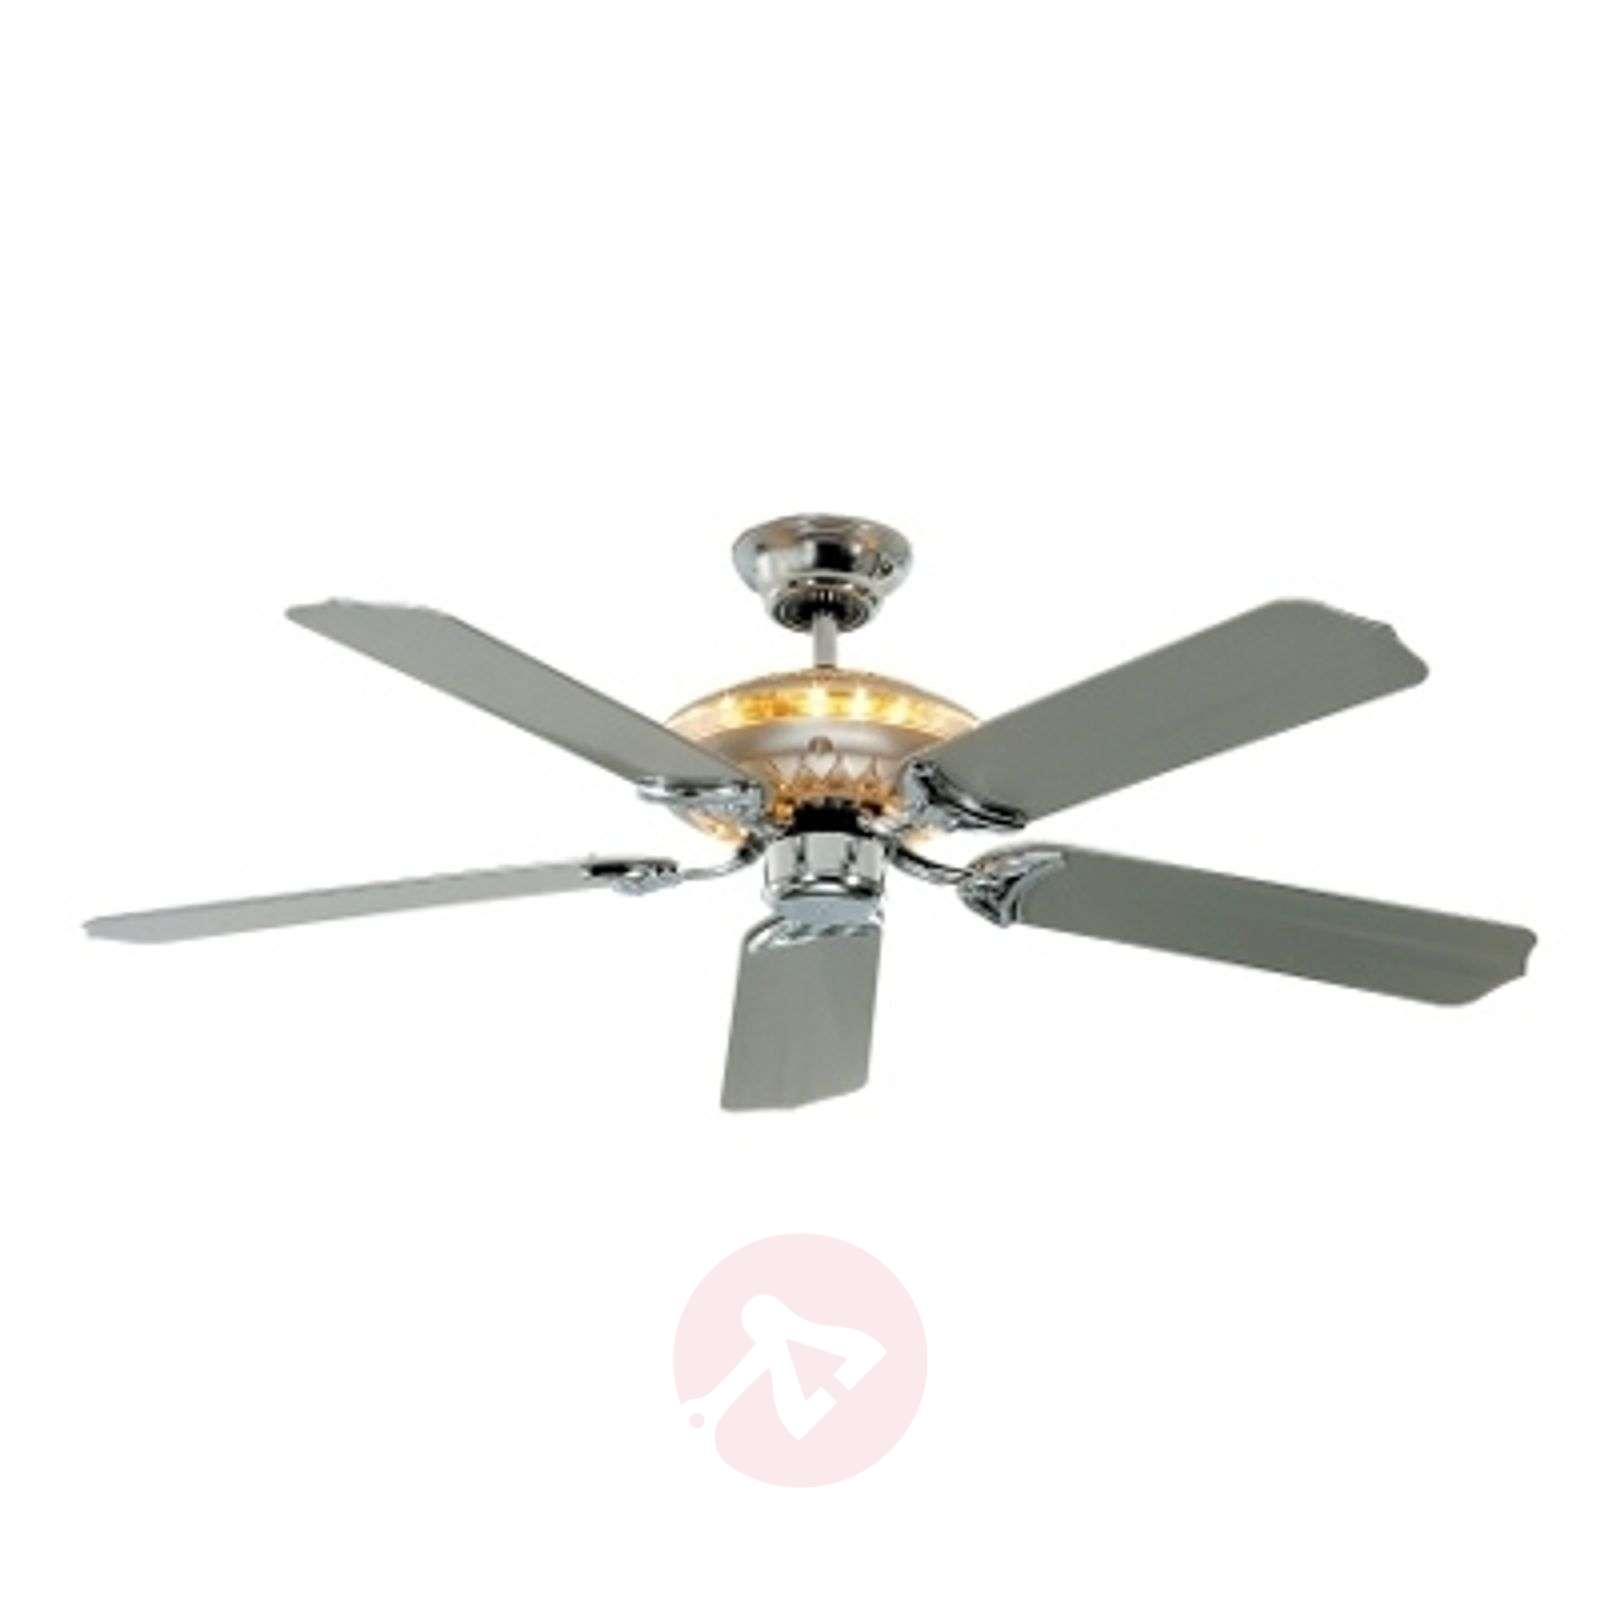 Tornado ceiling fan silver grey